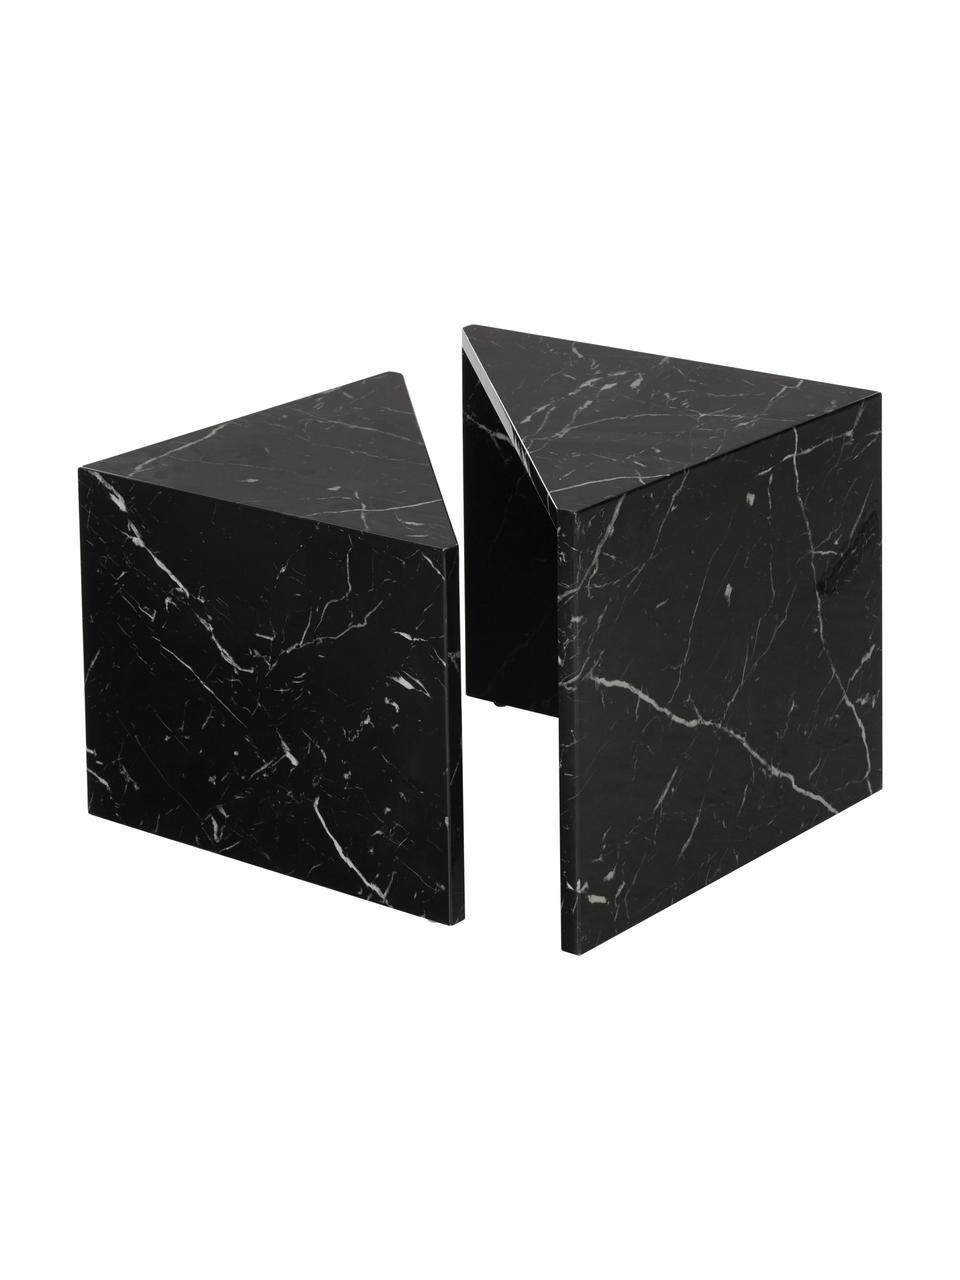 Bijzettafelset Vilma in marmerlook, MDF bedekt met gelakt papier in marmerlook, Zwart, gemarmerd, glanzend, Set met verschillende formaten